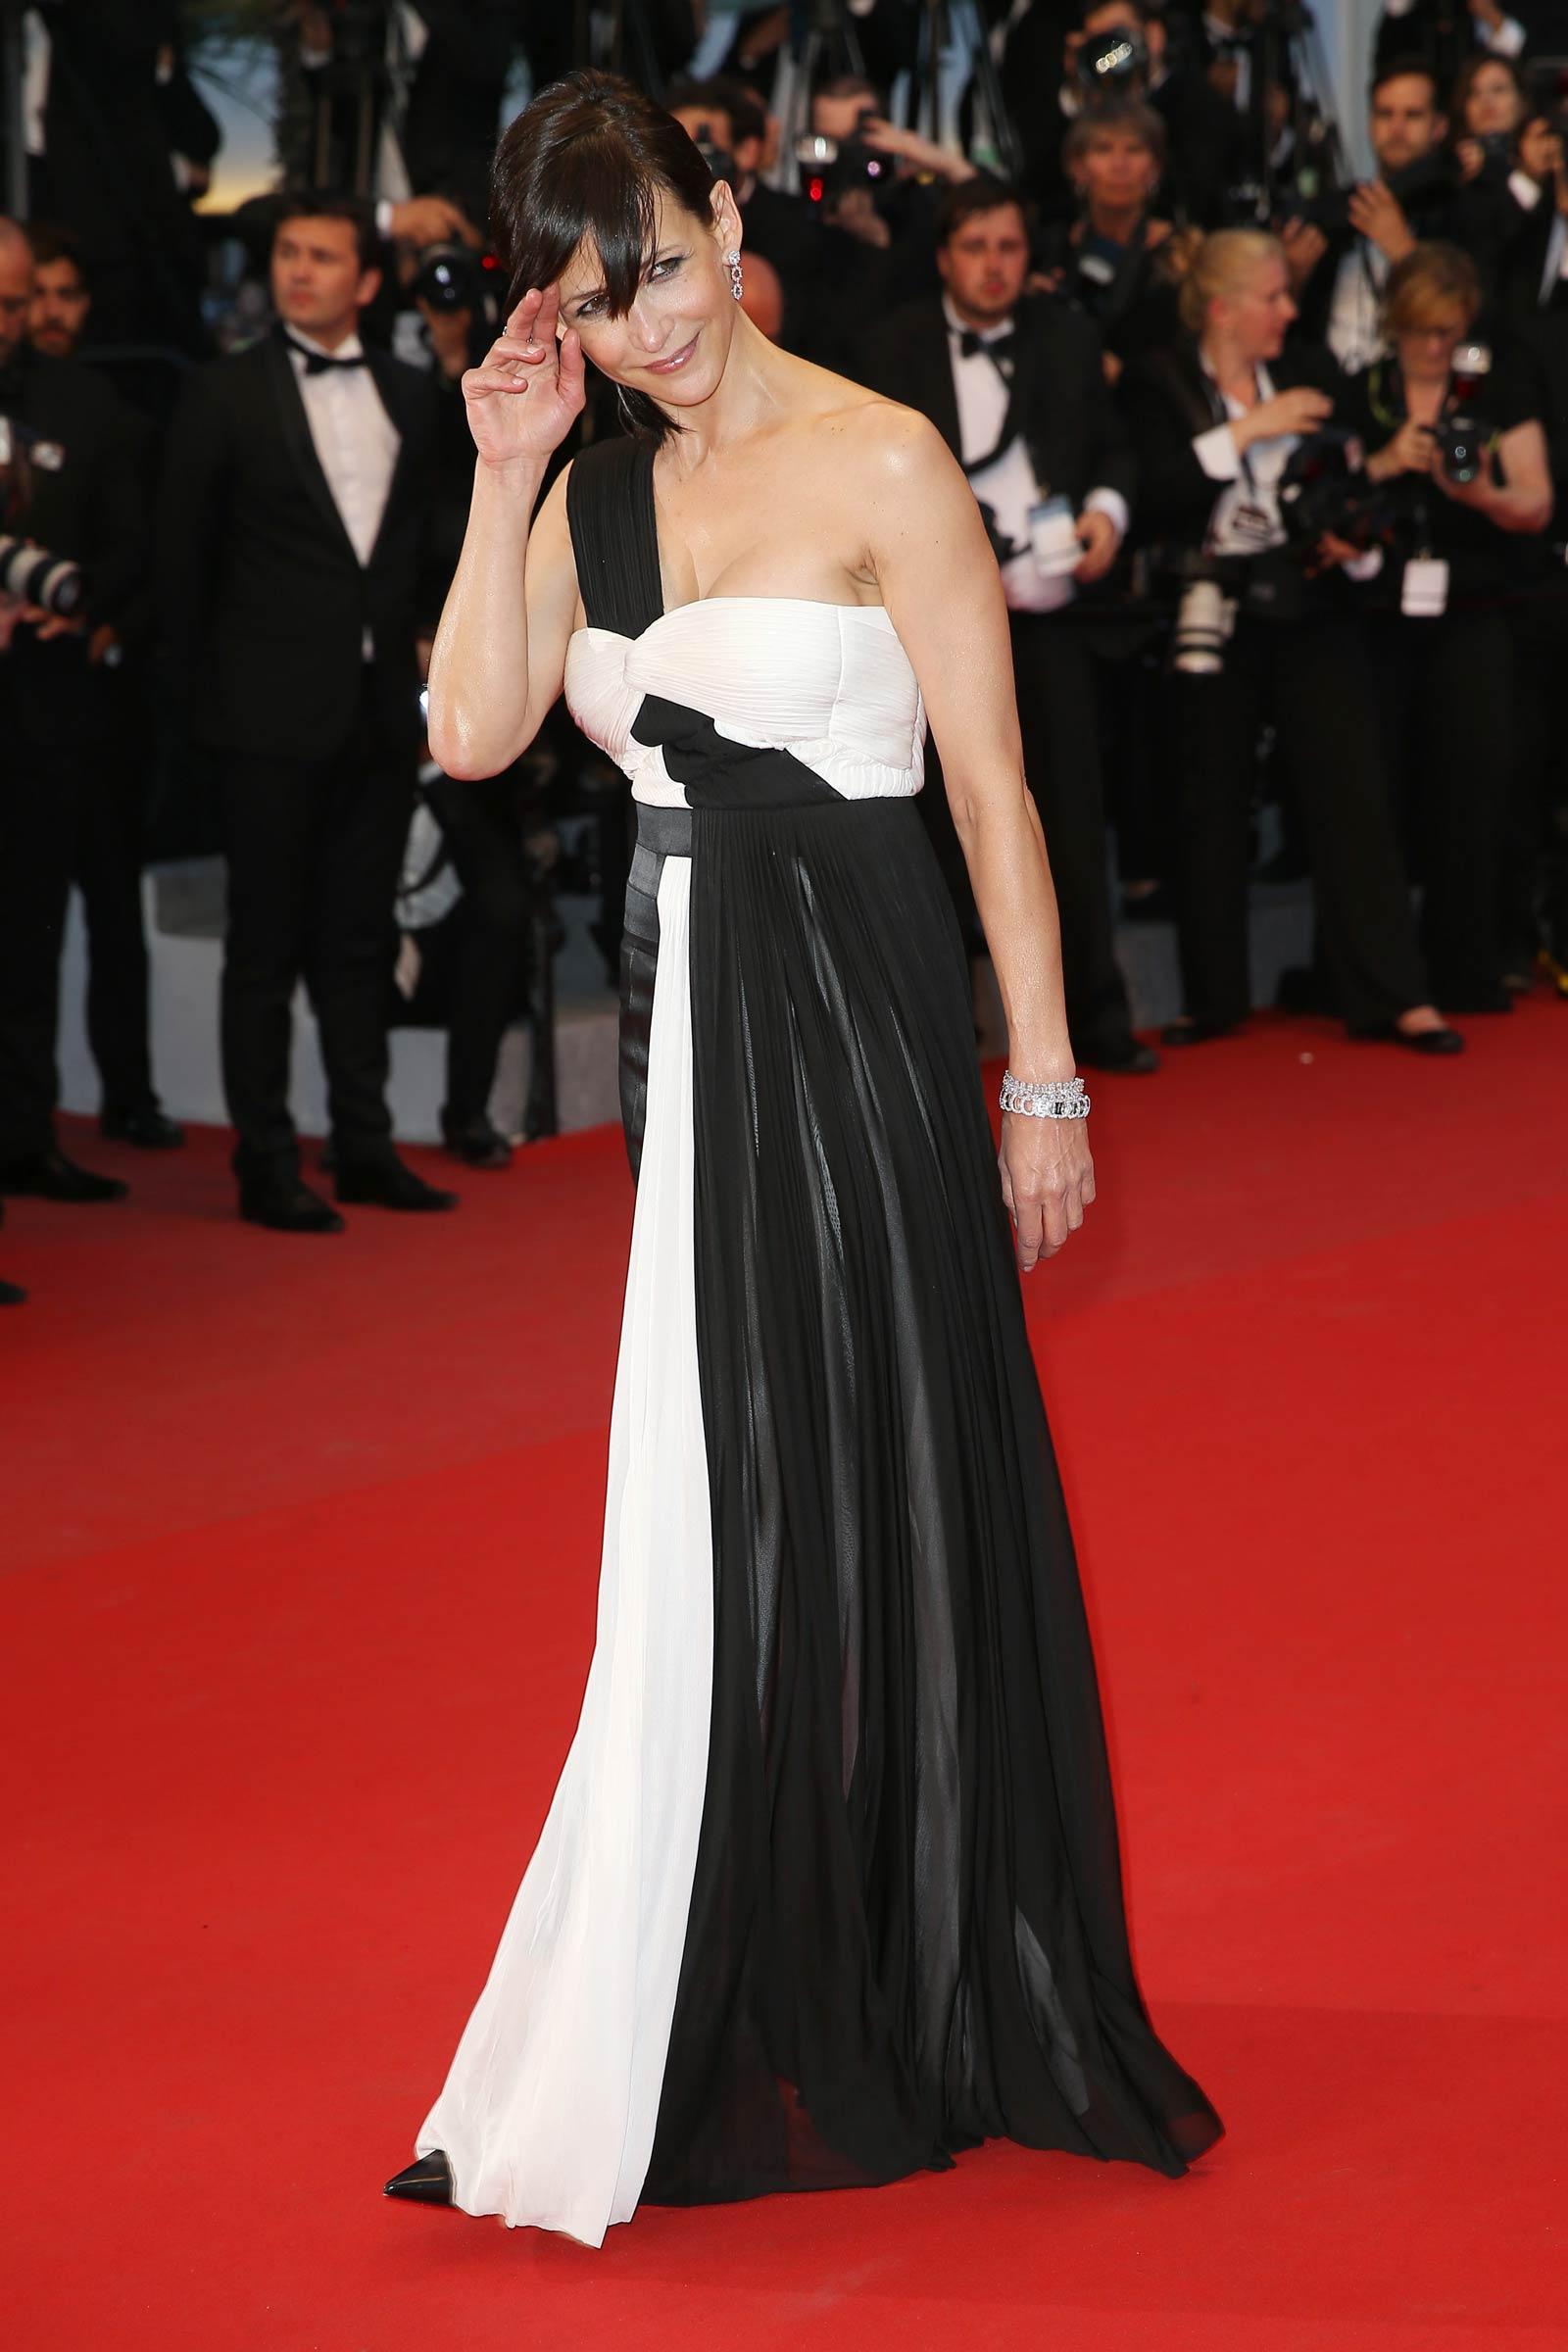 Sophie Marceau attends Cannes Film Festival